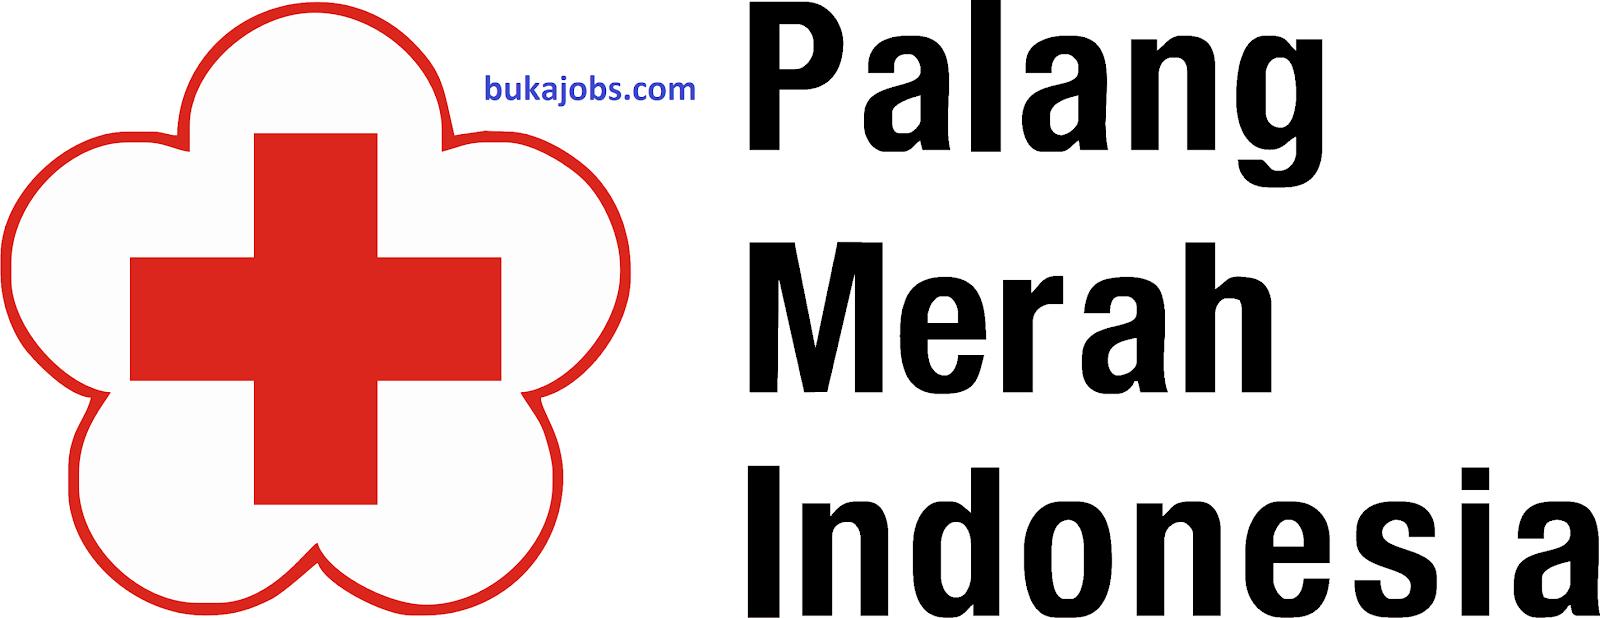 Lowongan Kerja Palang Merah Indonesia 2019